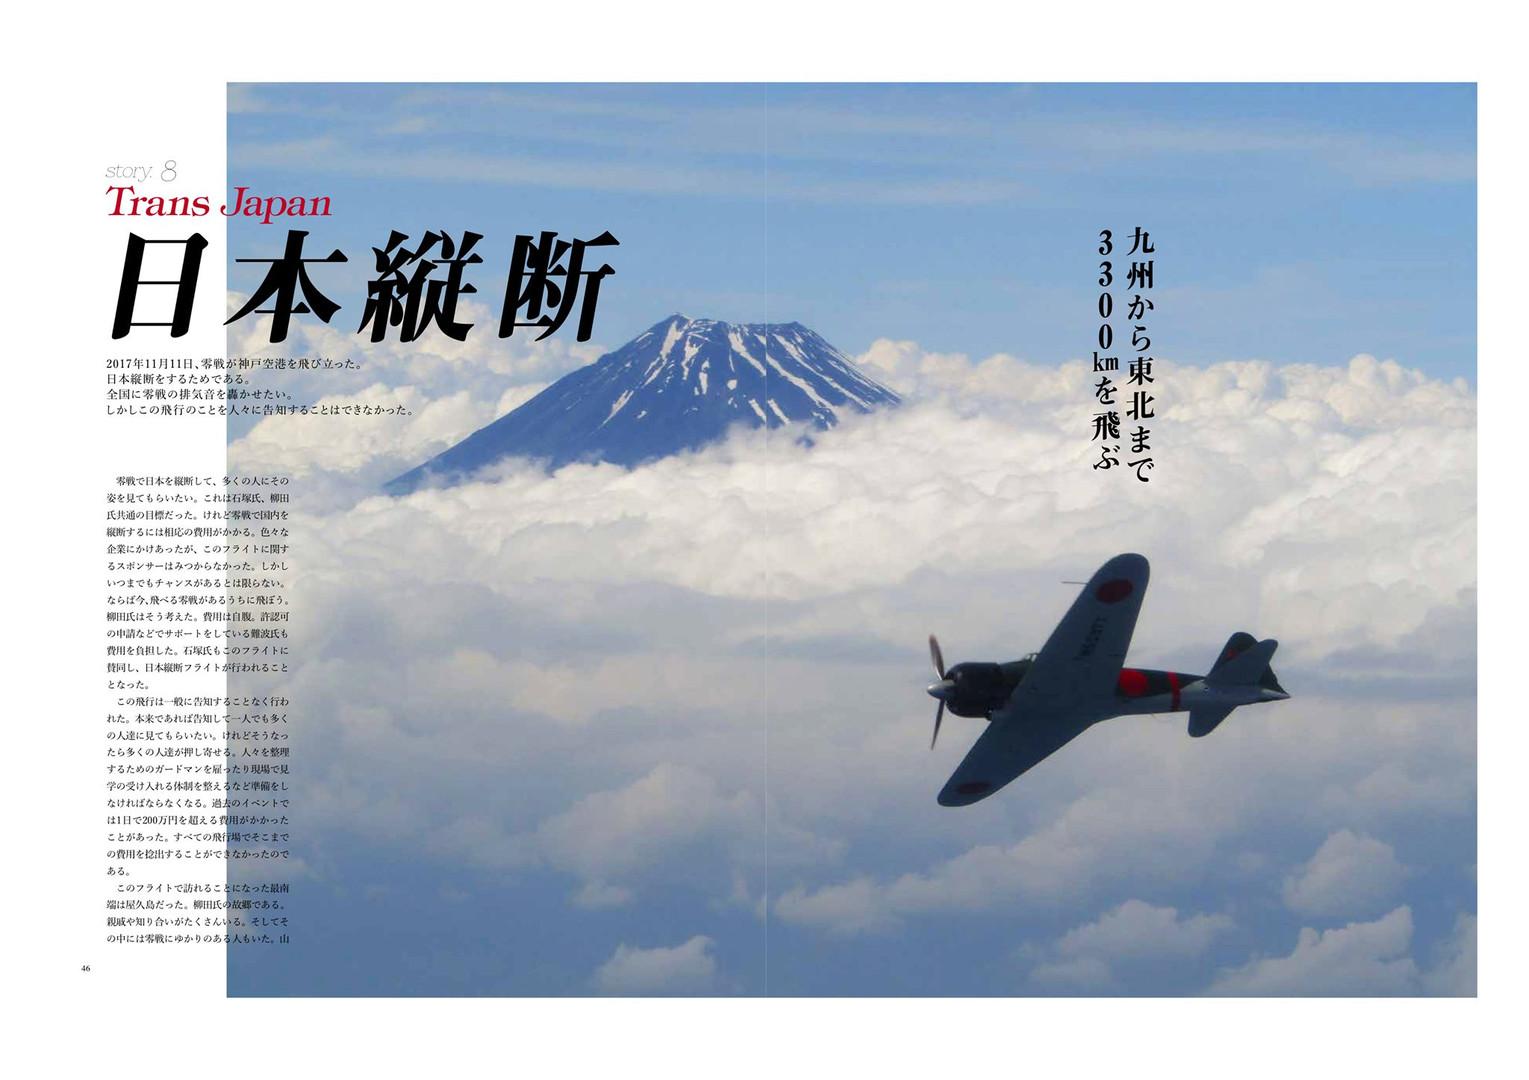 Mitsubishi A6M3 ZERO